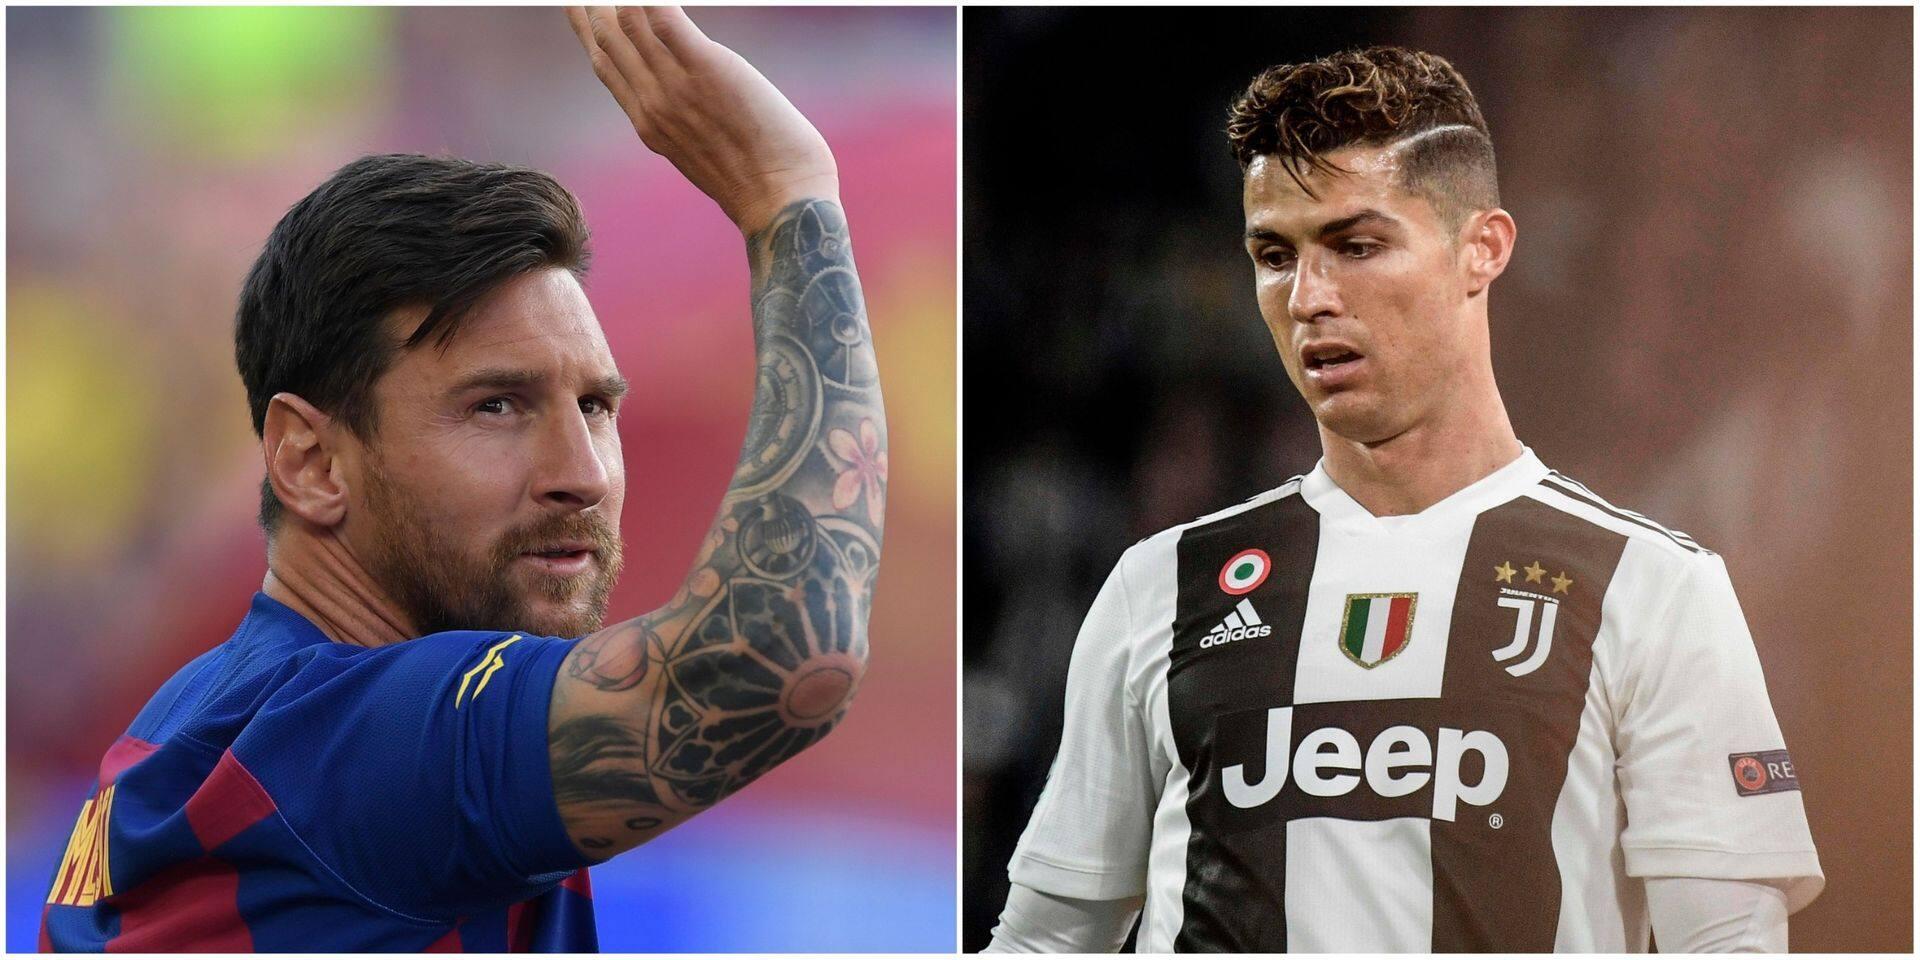 """Comment la Juventus a tenté """"une approche discrète"""" pour faire venir Messi jouer aux côtés de Ronaldo"""